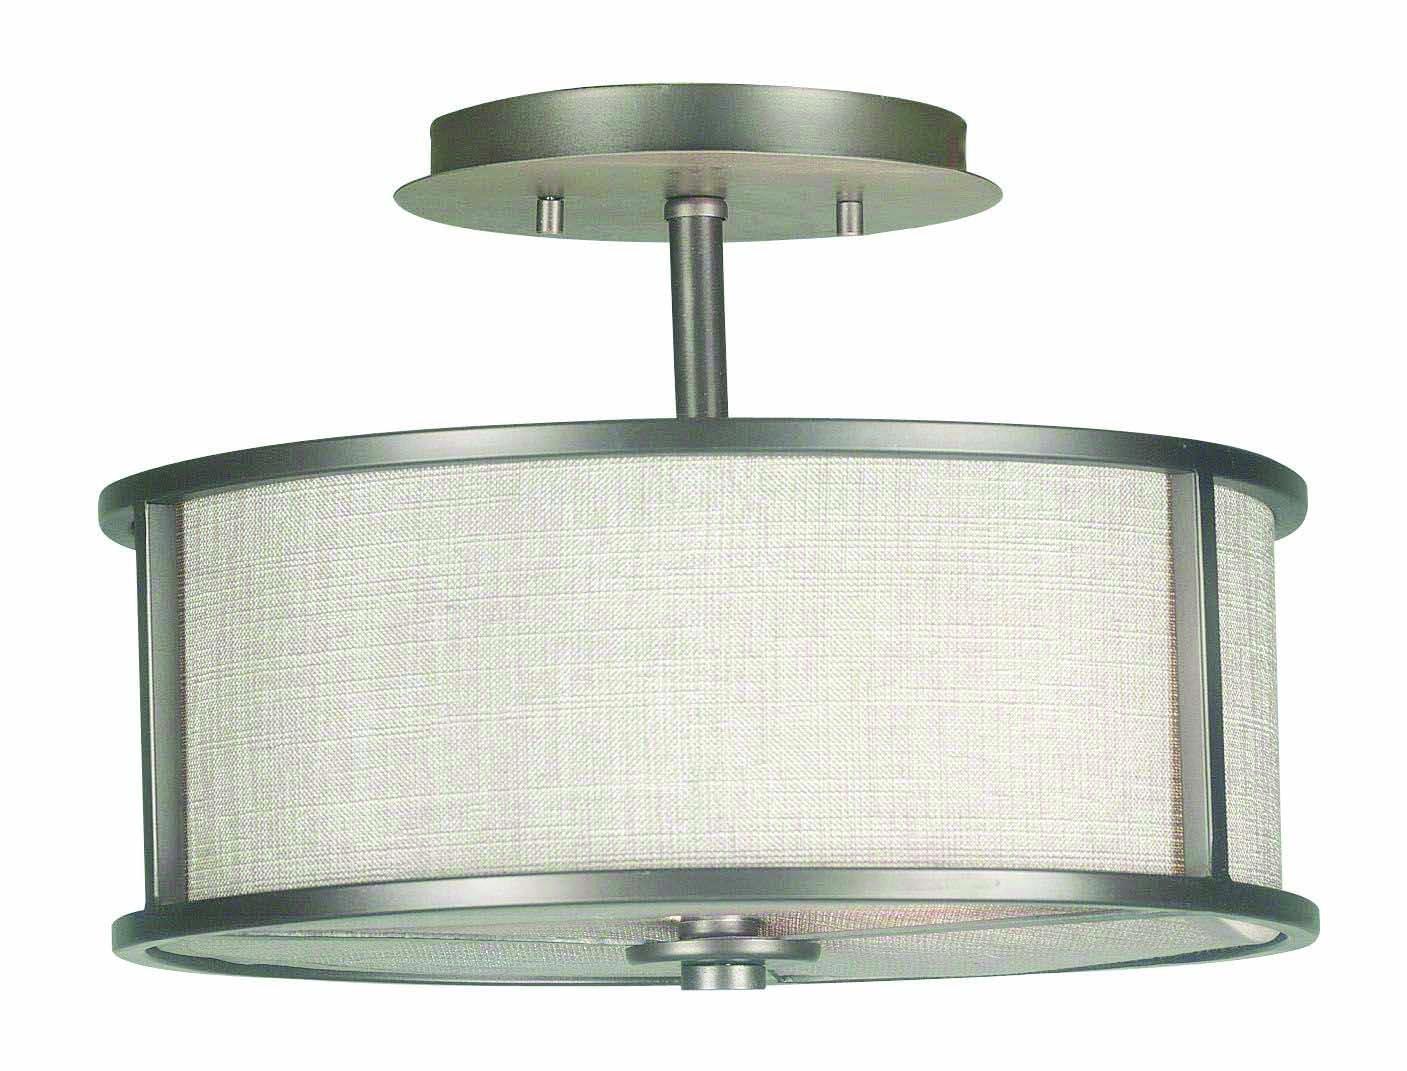 Kenroy Home 91582BZG Whistler 2 Light Semi-Flush, Bronze Gilt Finish